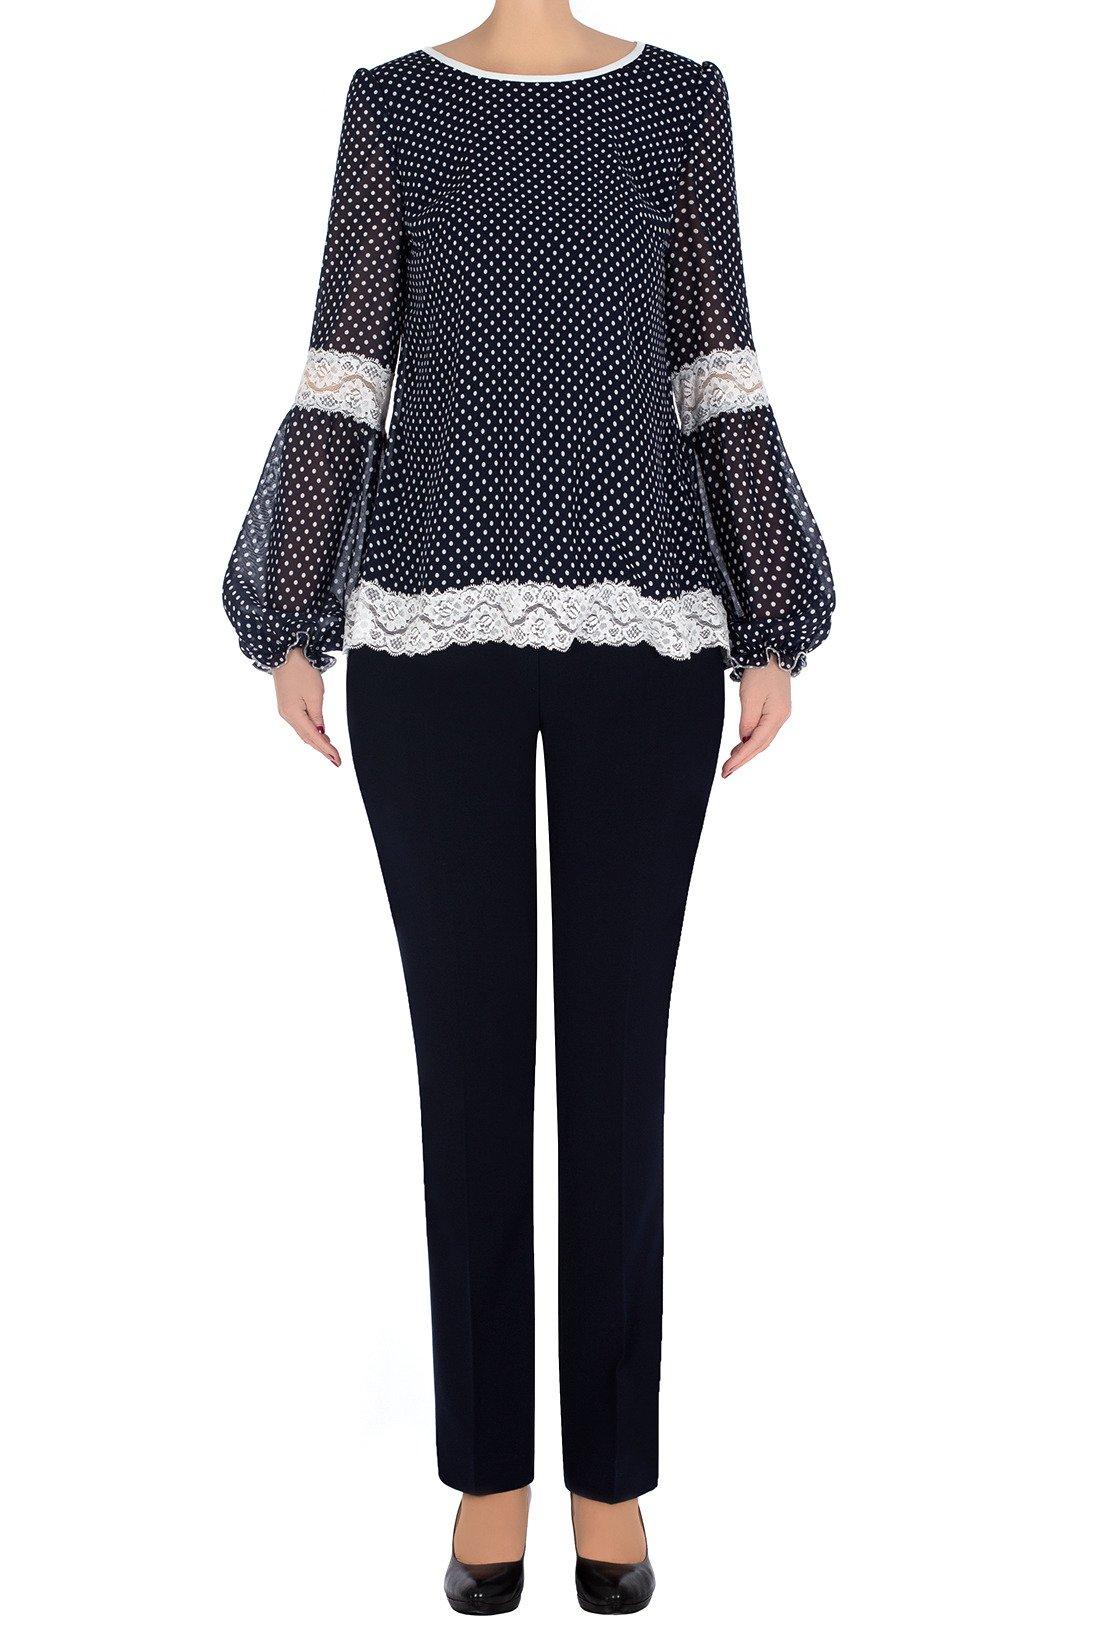 Elegancki komplet damski bluzka i spodnie 3269